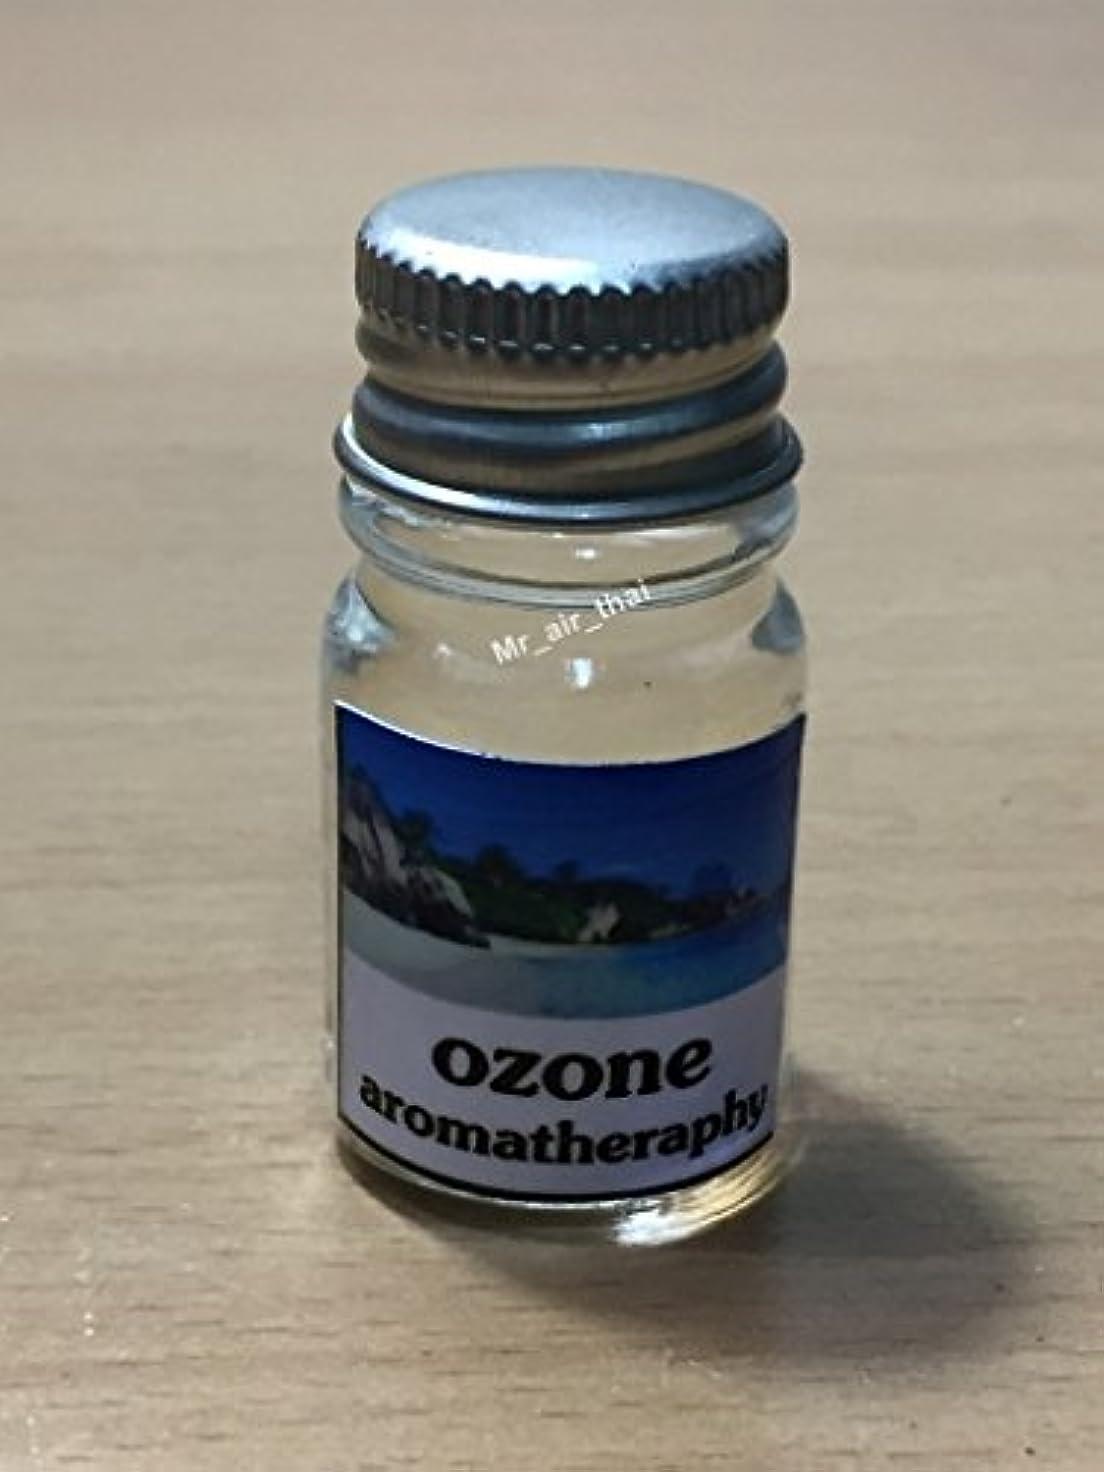 悪因子教養がある社会主義5ミリリットルアロマオゾンフランクインセンスエッセンシャルオイルボトルアロマテラピーオイル自然自然5ml Aroma Ozone Frankincense Essential Oil Bottles Aromatherapy...